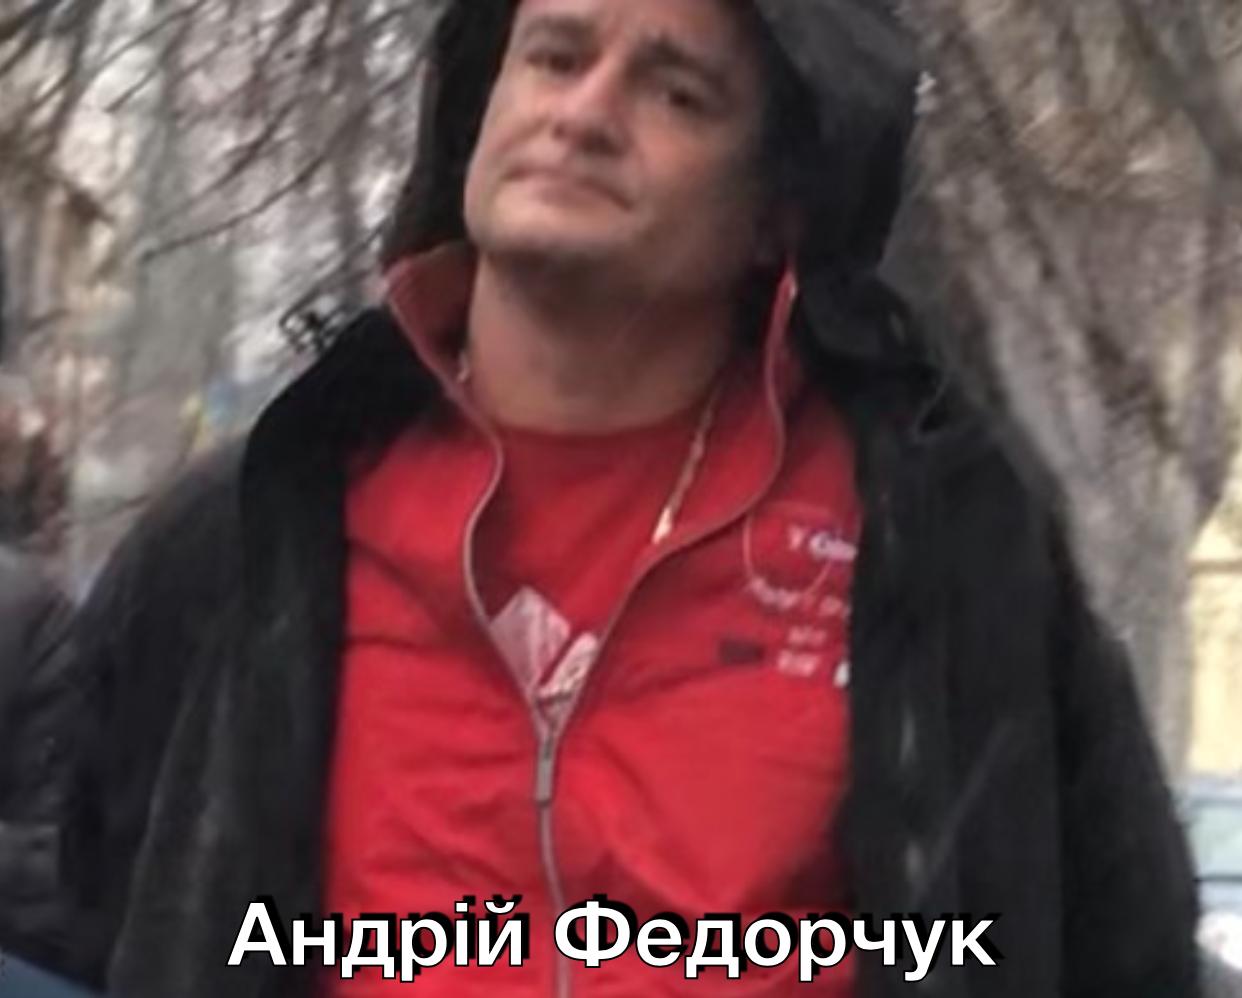 Андрей Федорчук Ровно